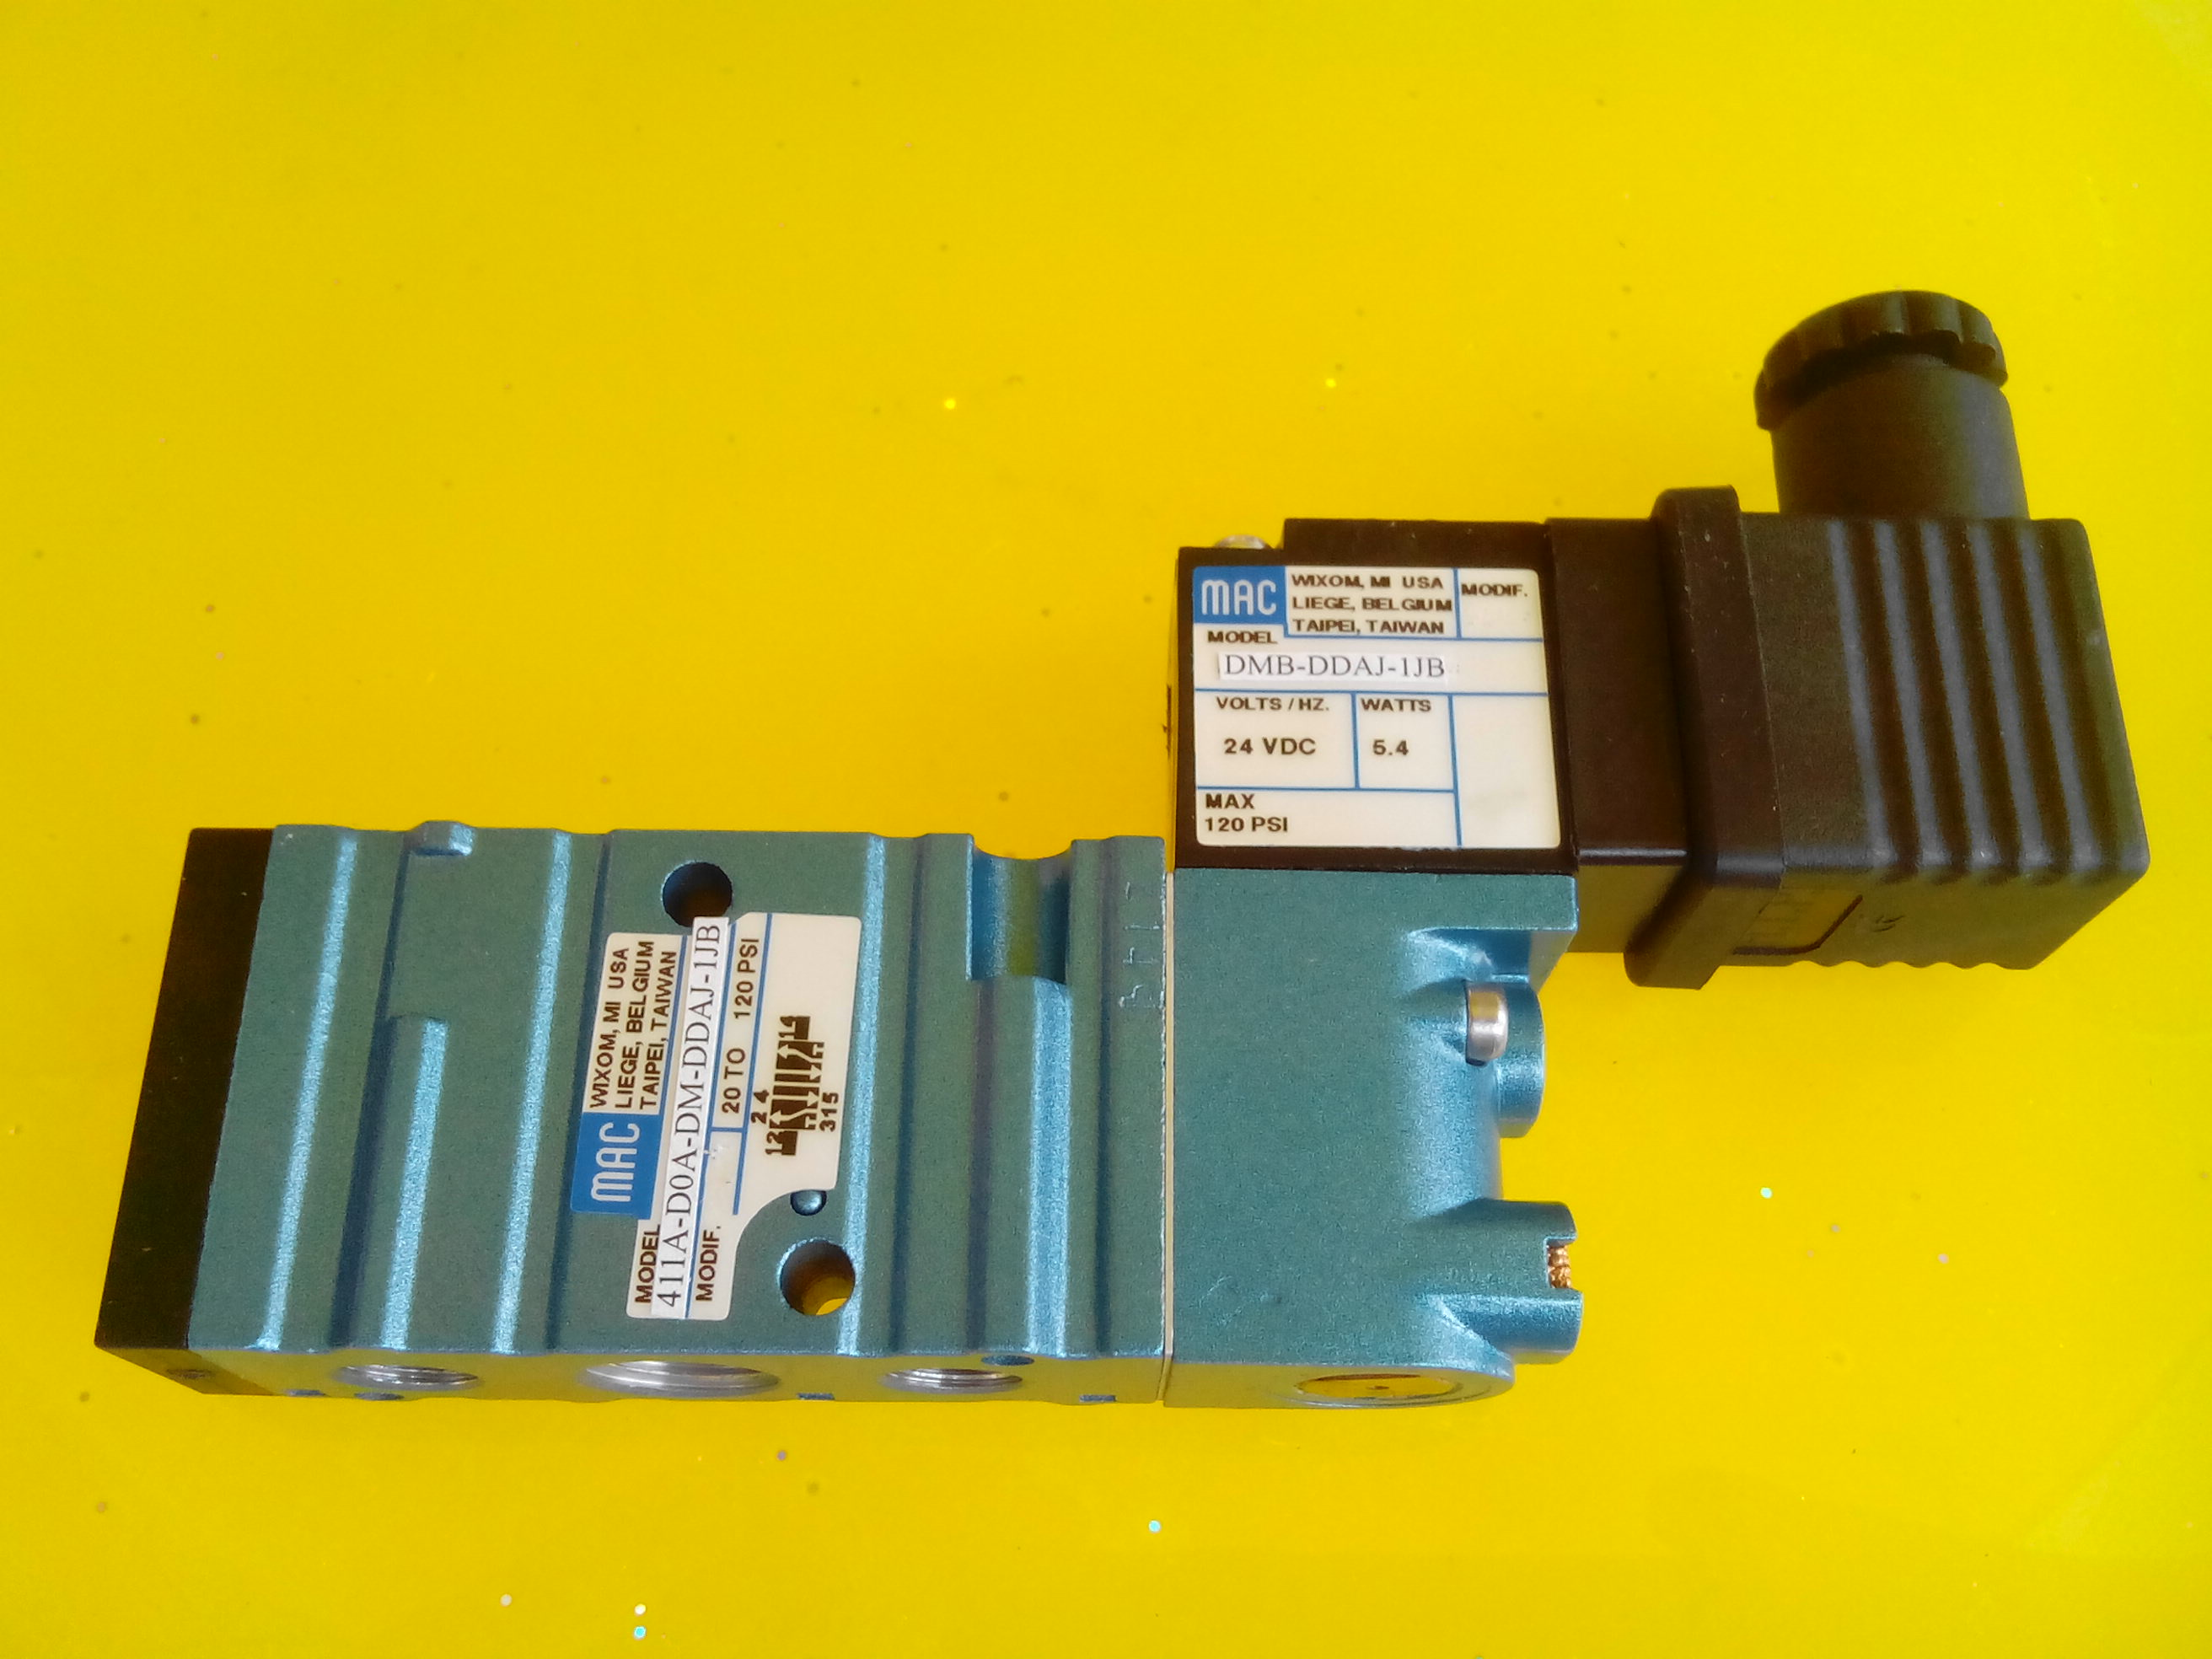 SPOT original auténtico Mac válvula electromagnética 411A-DOA-DM-DDAJ-1JB v300 de negociación de los Estados Unidos